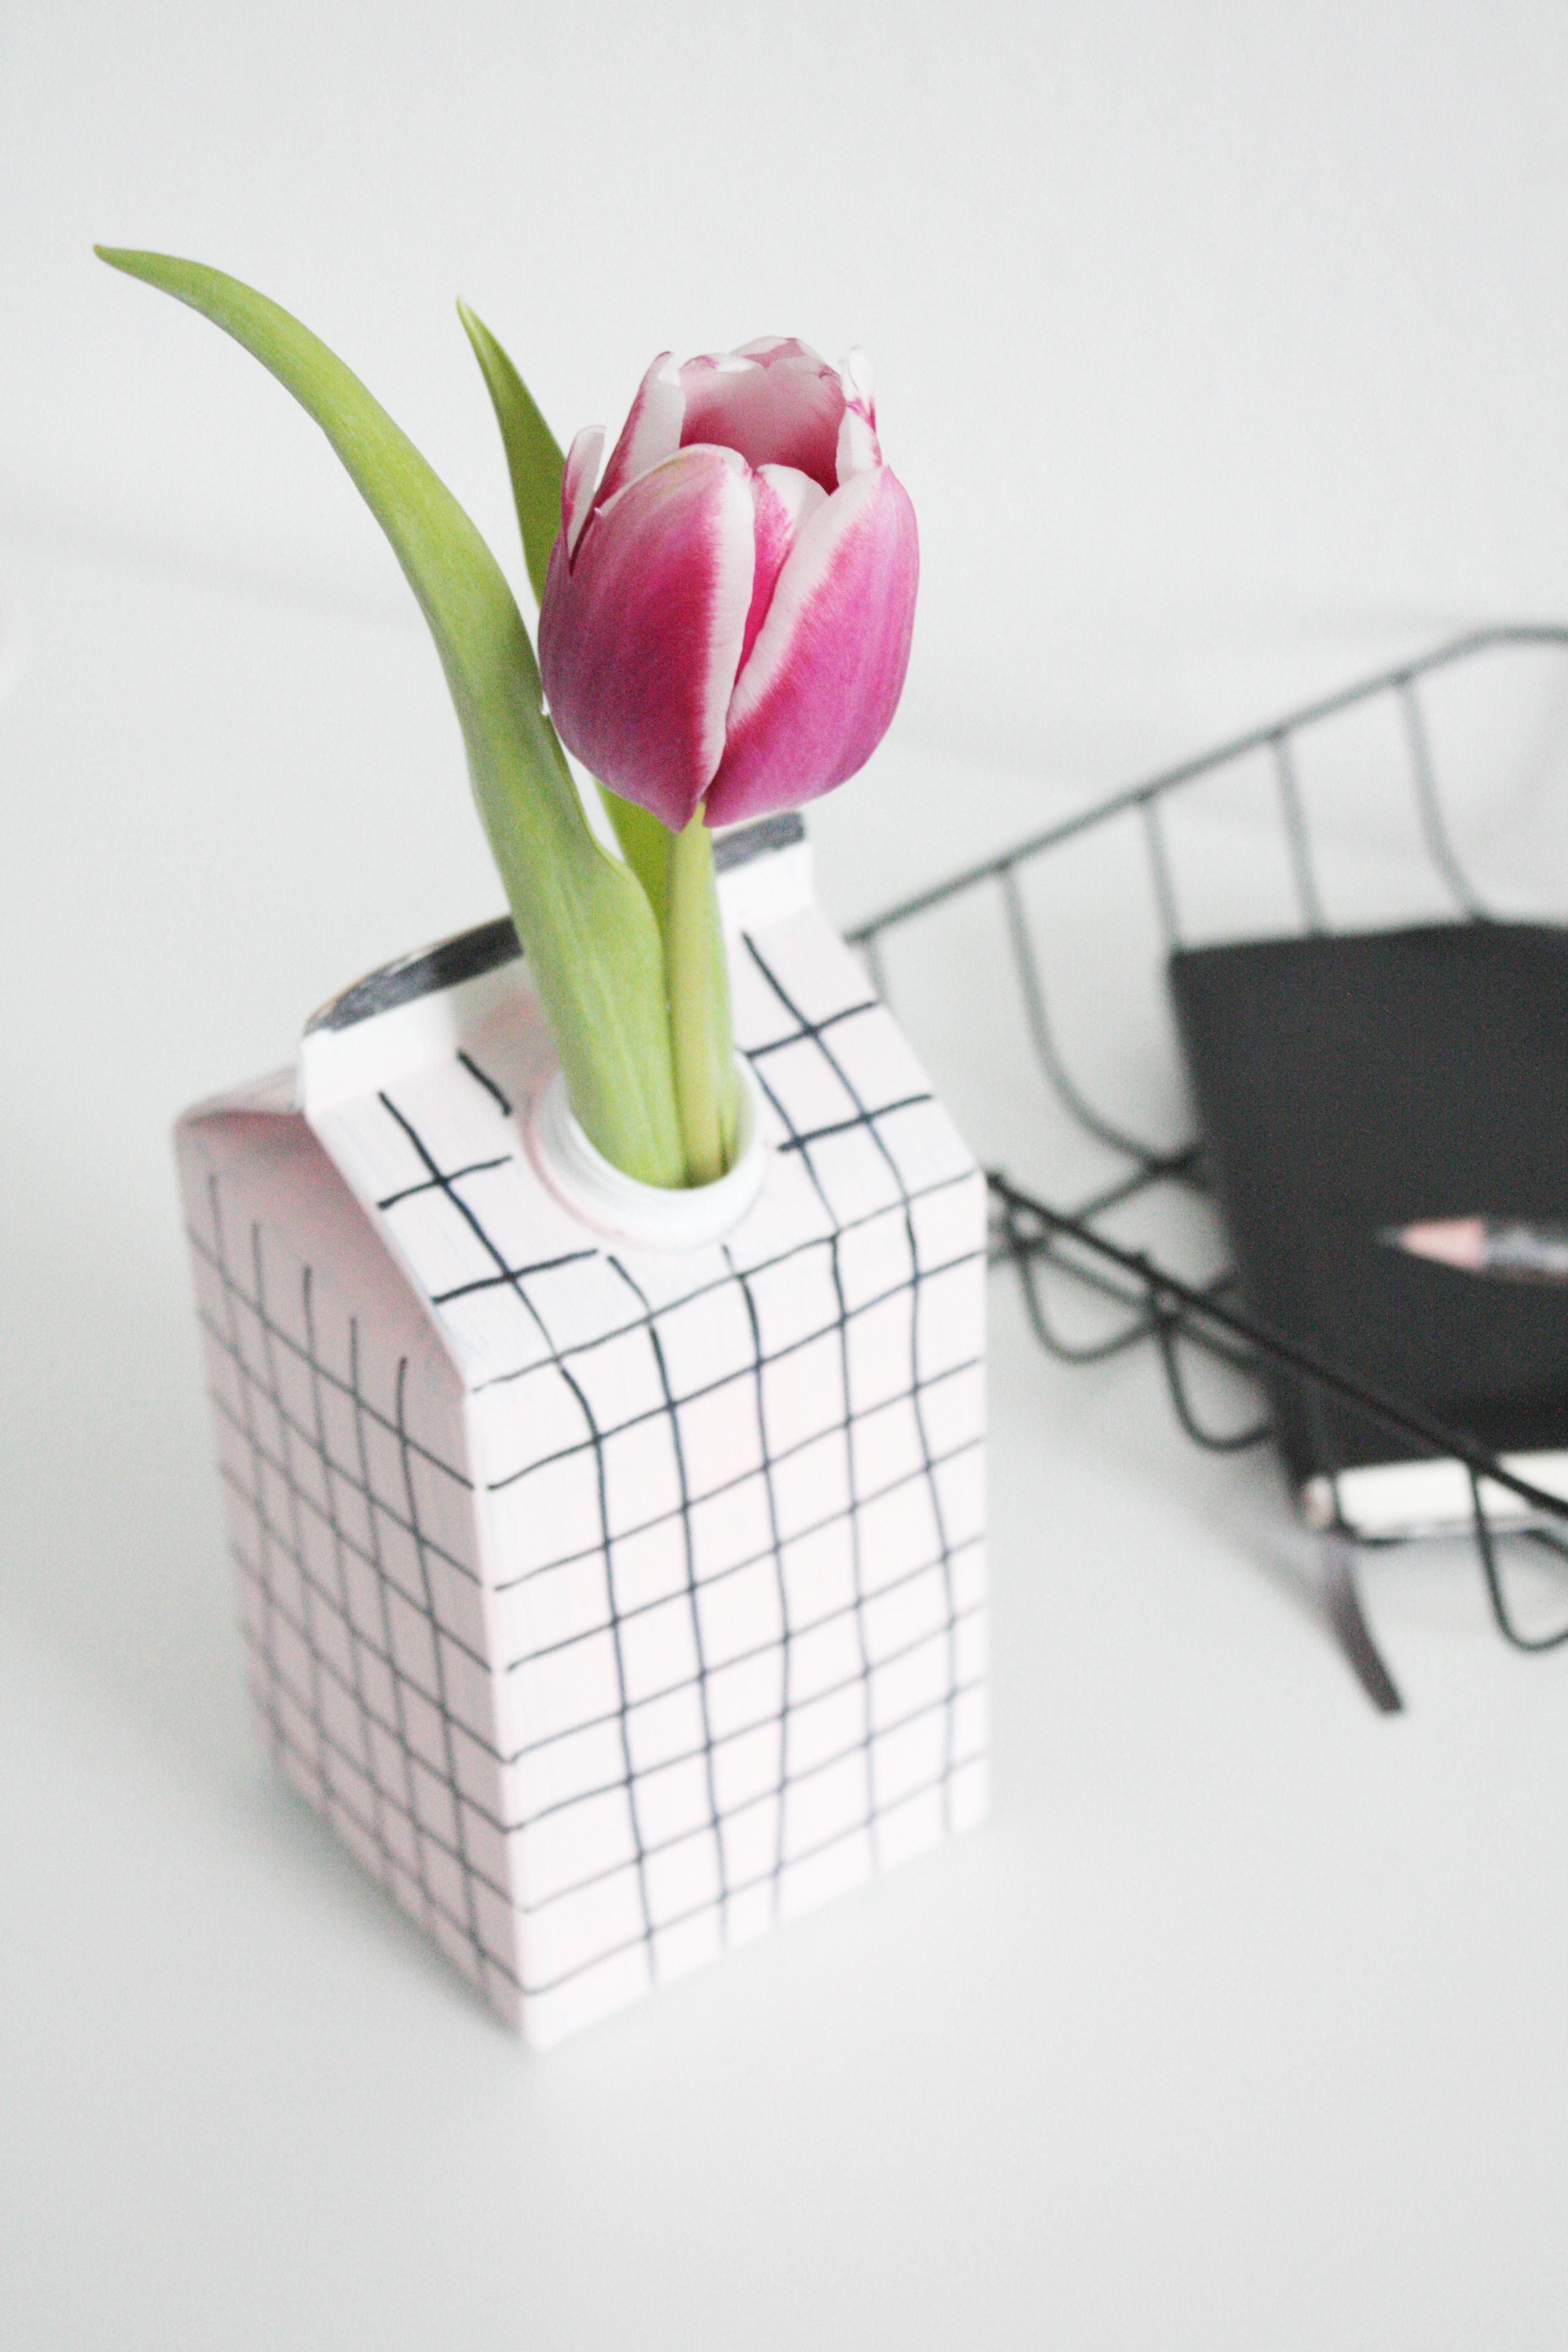 upcycling diy vase aus tetrapack gewinner rosy grey diy blog lettering m nchen. Black Bedroom Furniture Sets. Home Design Ideas